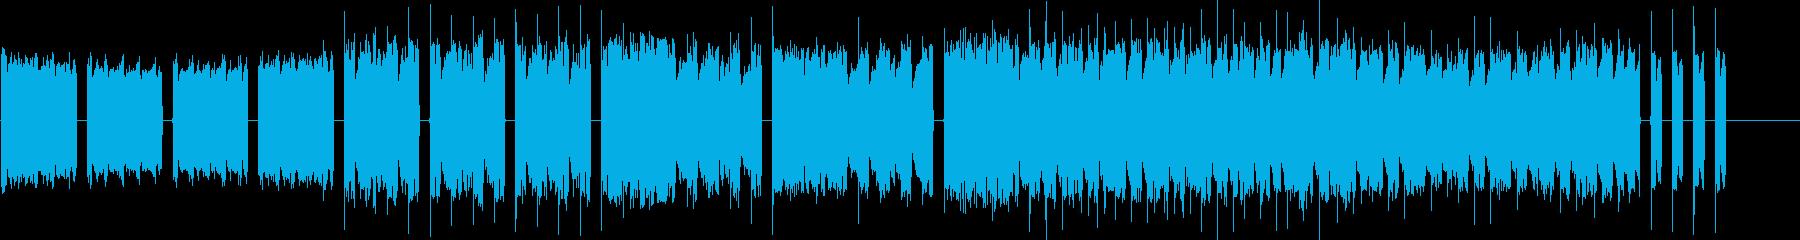 ピコピコ音楽です。宜しくお願い致します。の再生済みの波形